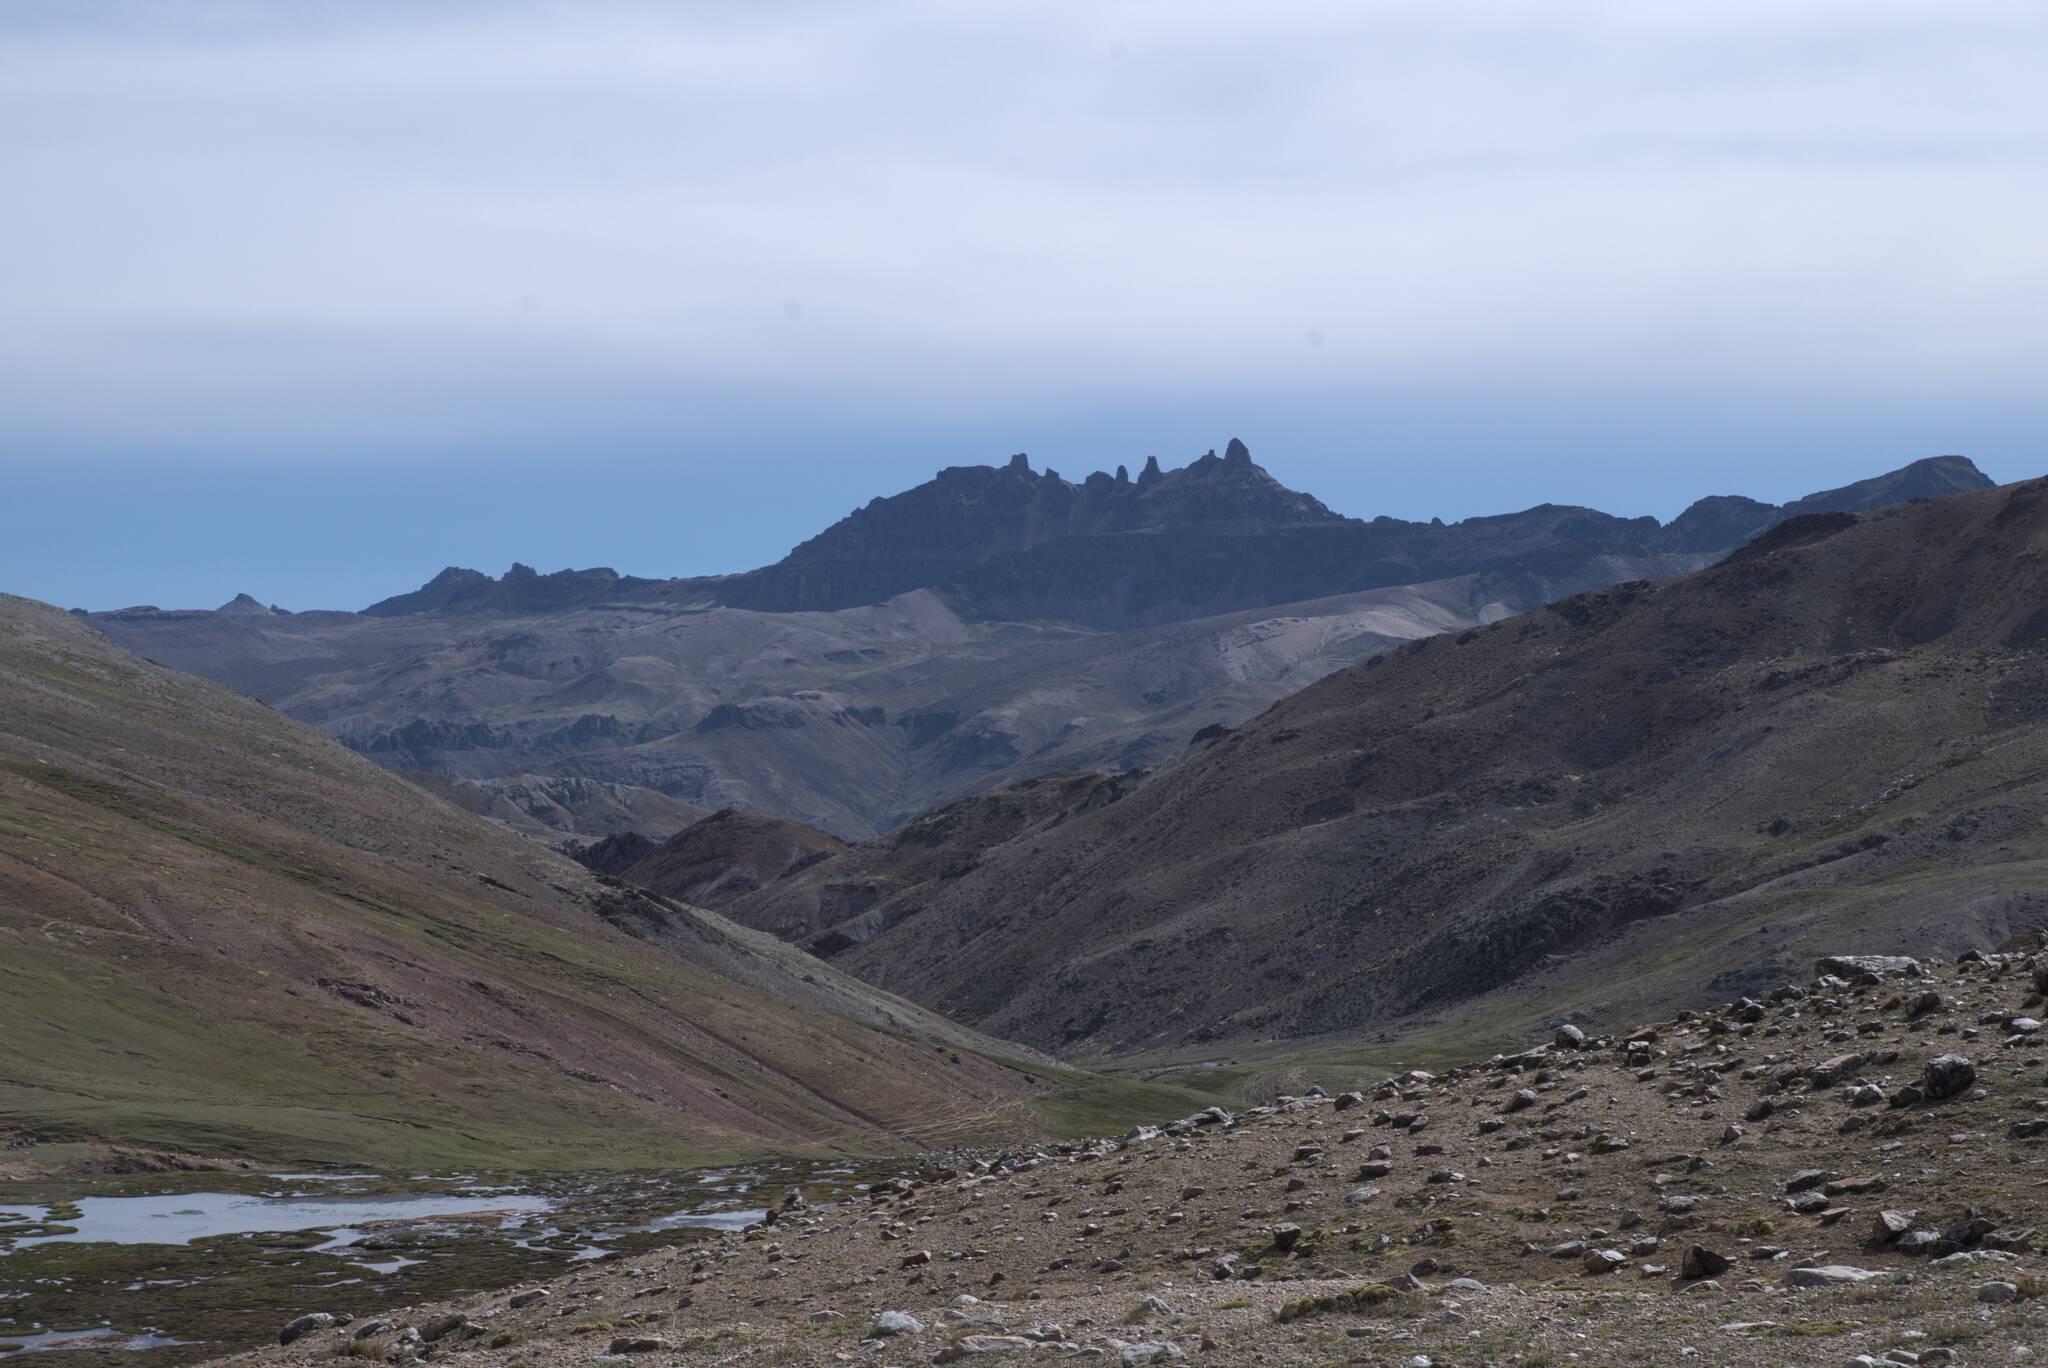 Bardzo charakterystyczne szczyty, ale nie udało mi się znaleźć co to dokładnie.